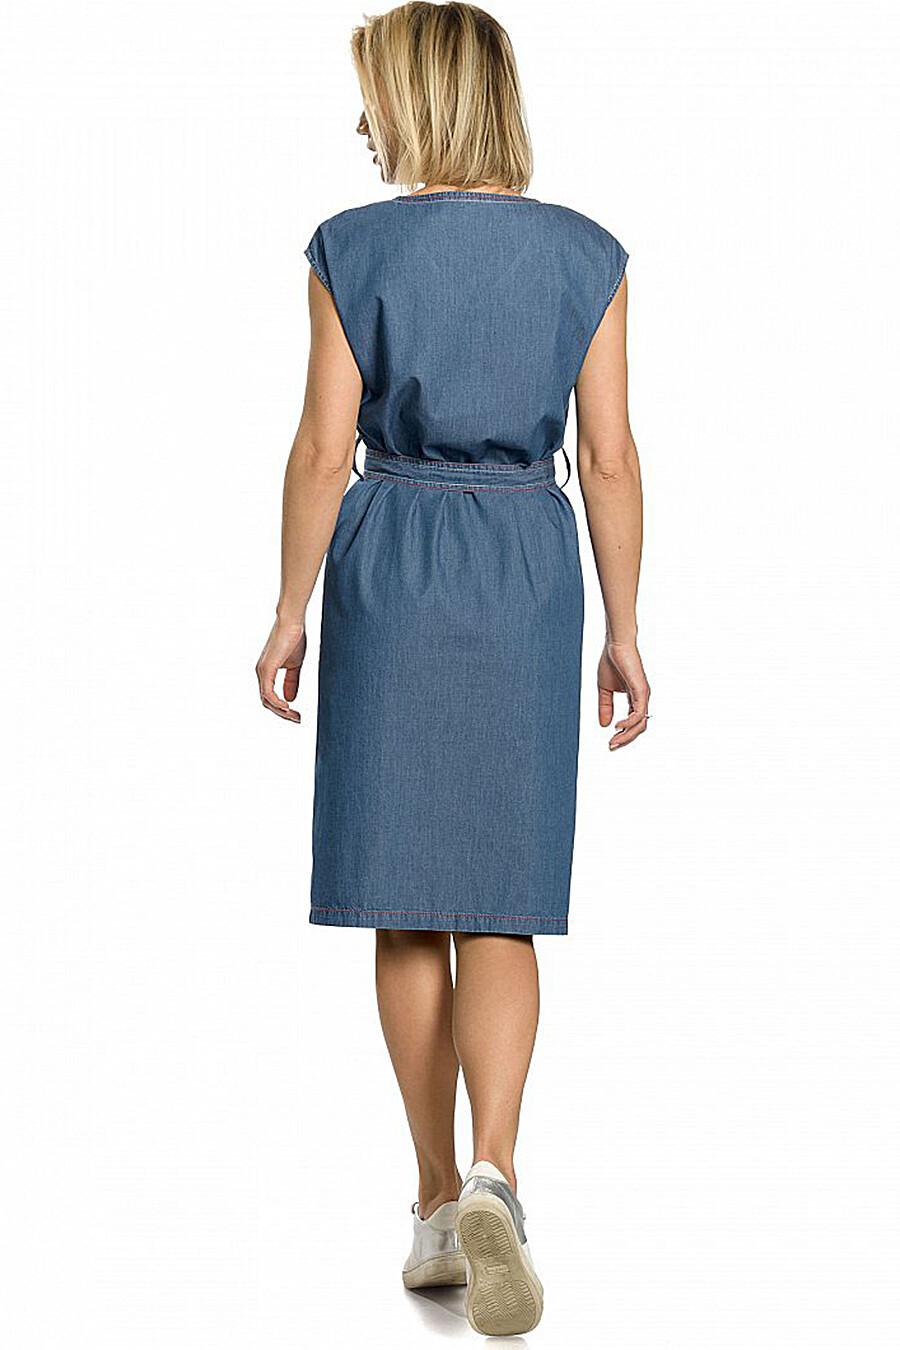 Платье для женщин PELICAN 131306 купить оптом от производителя. Совместная покупка женской одежды в OptMoyo